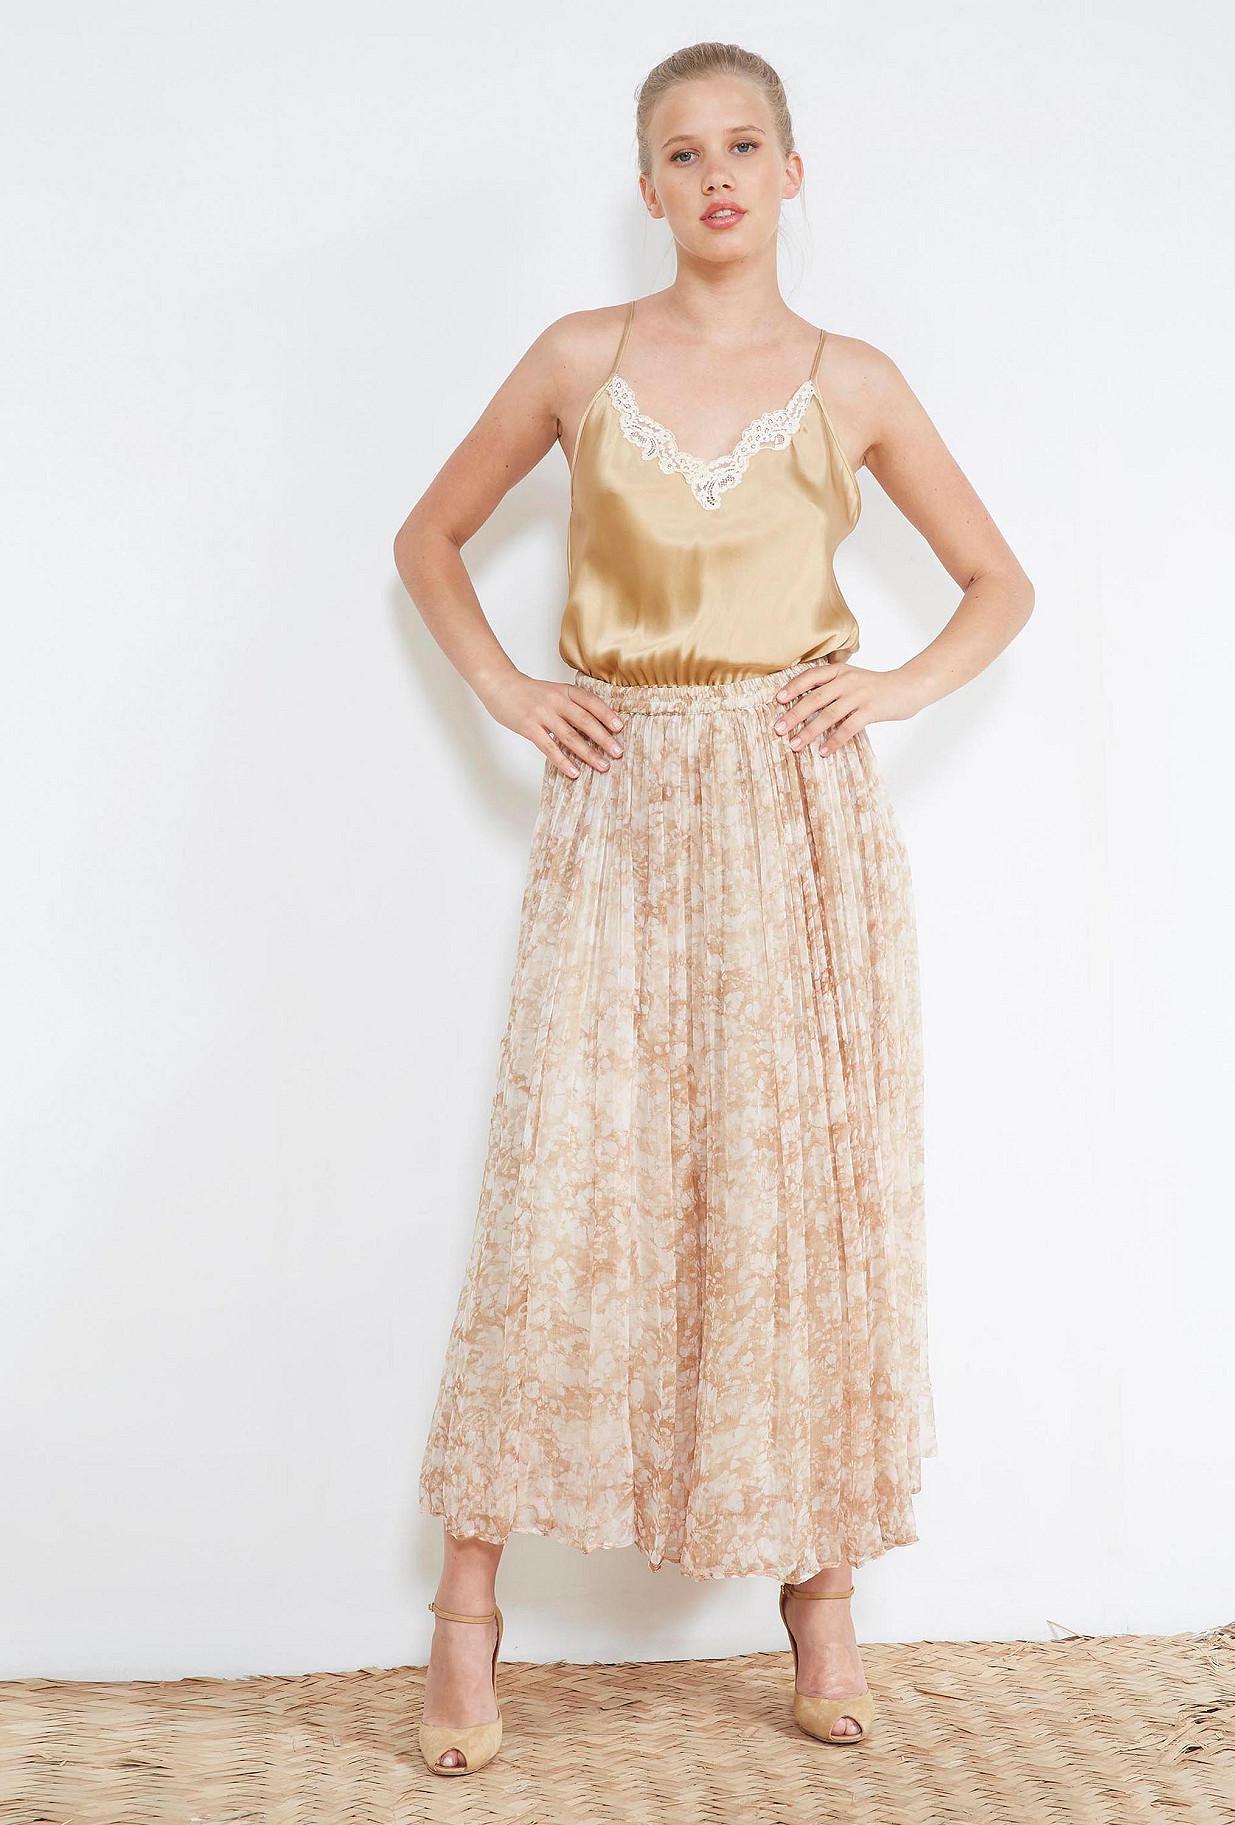 Nude  SKIRT  Tyler Mes demoiselles fashion clothes designer Paris